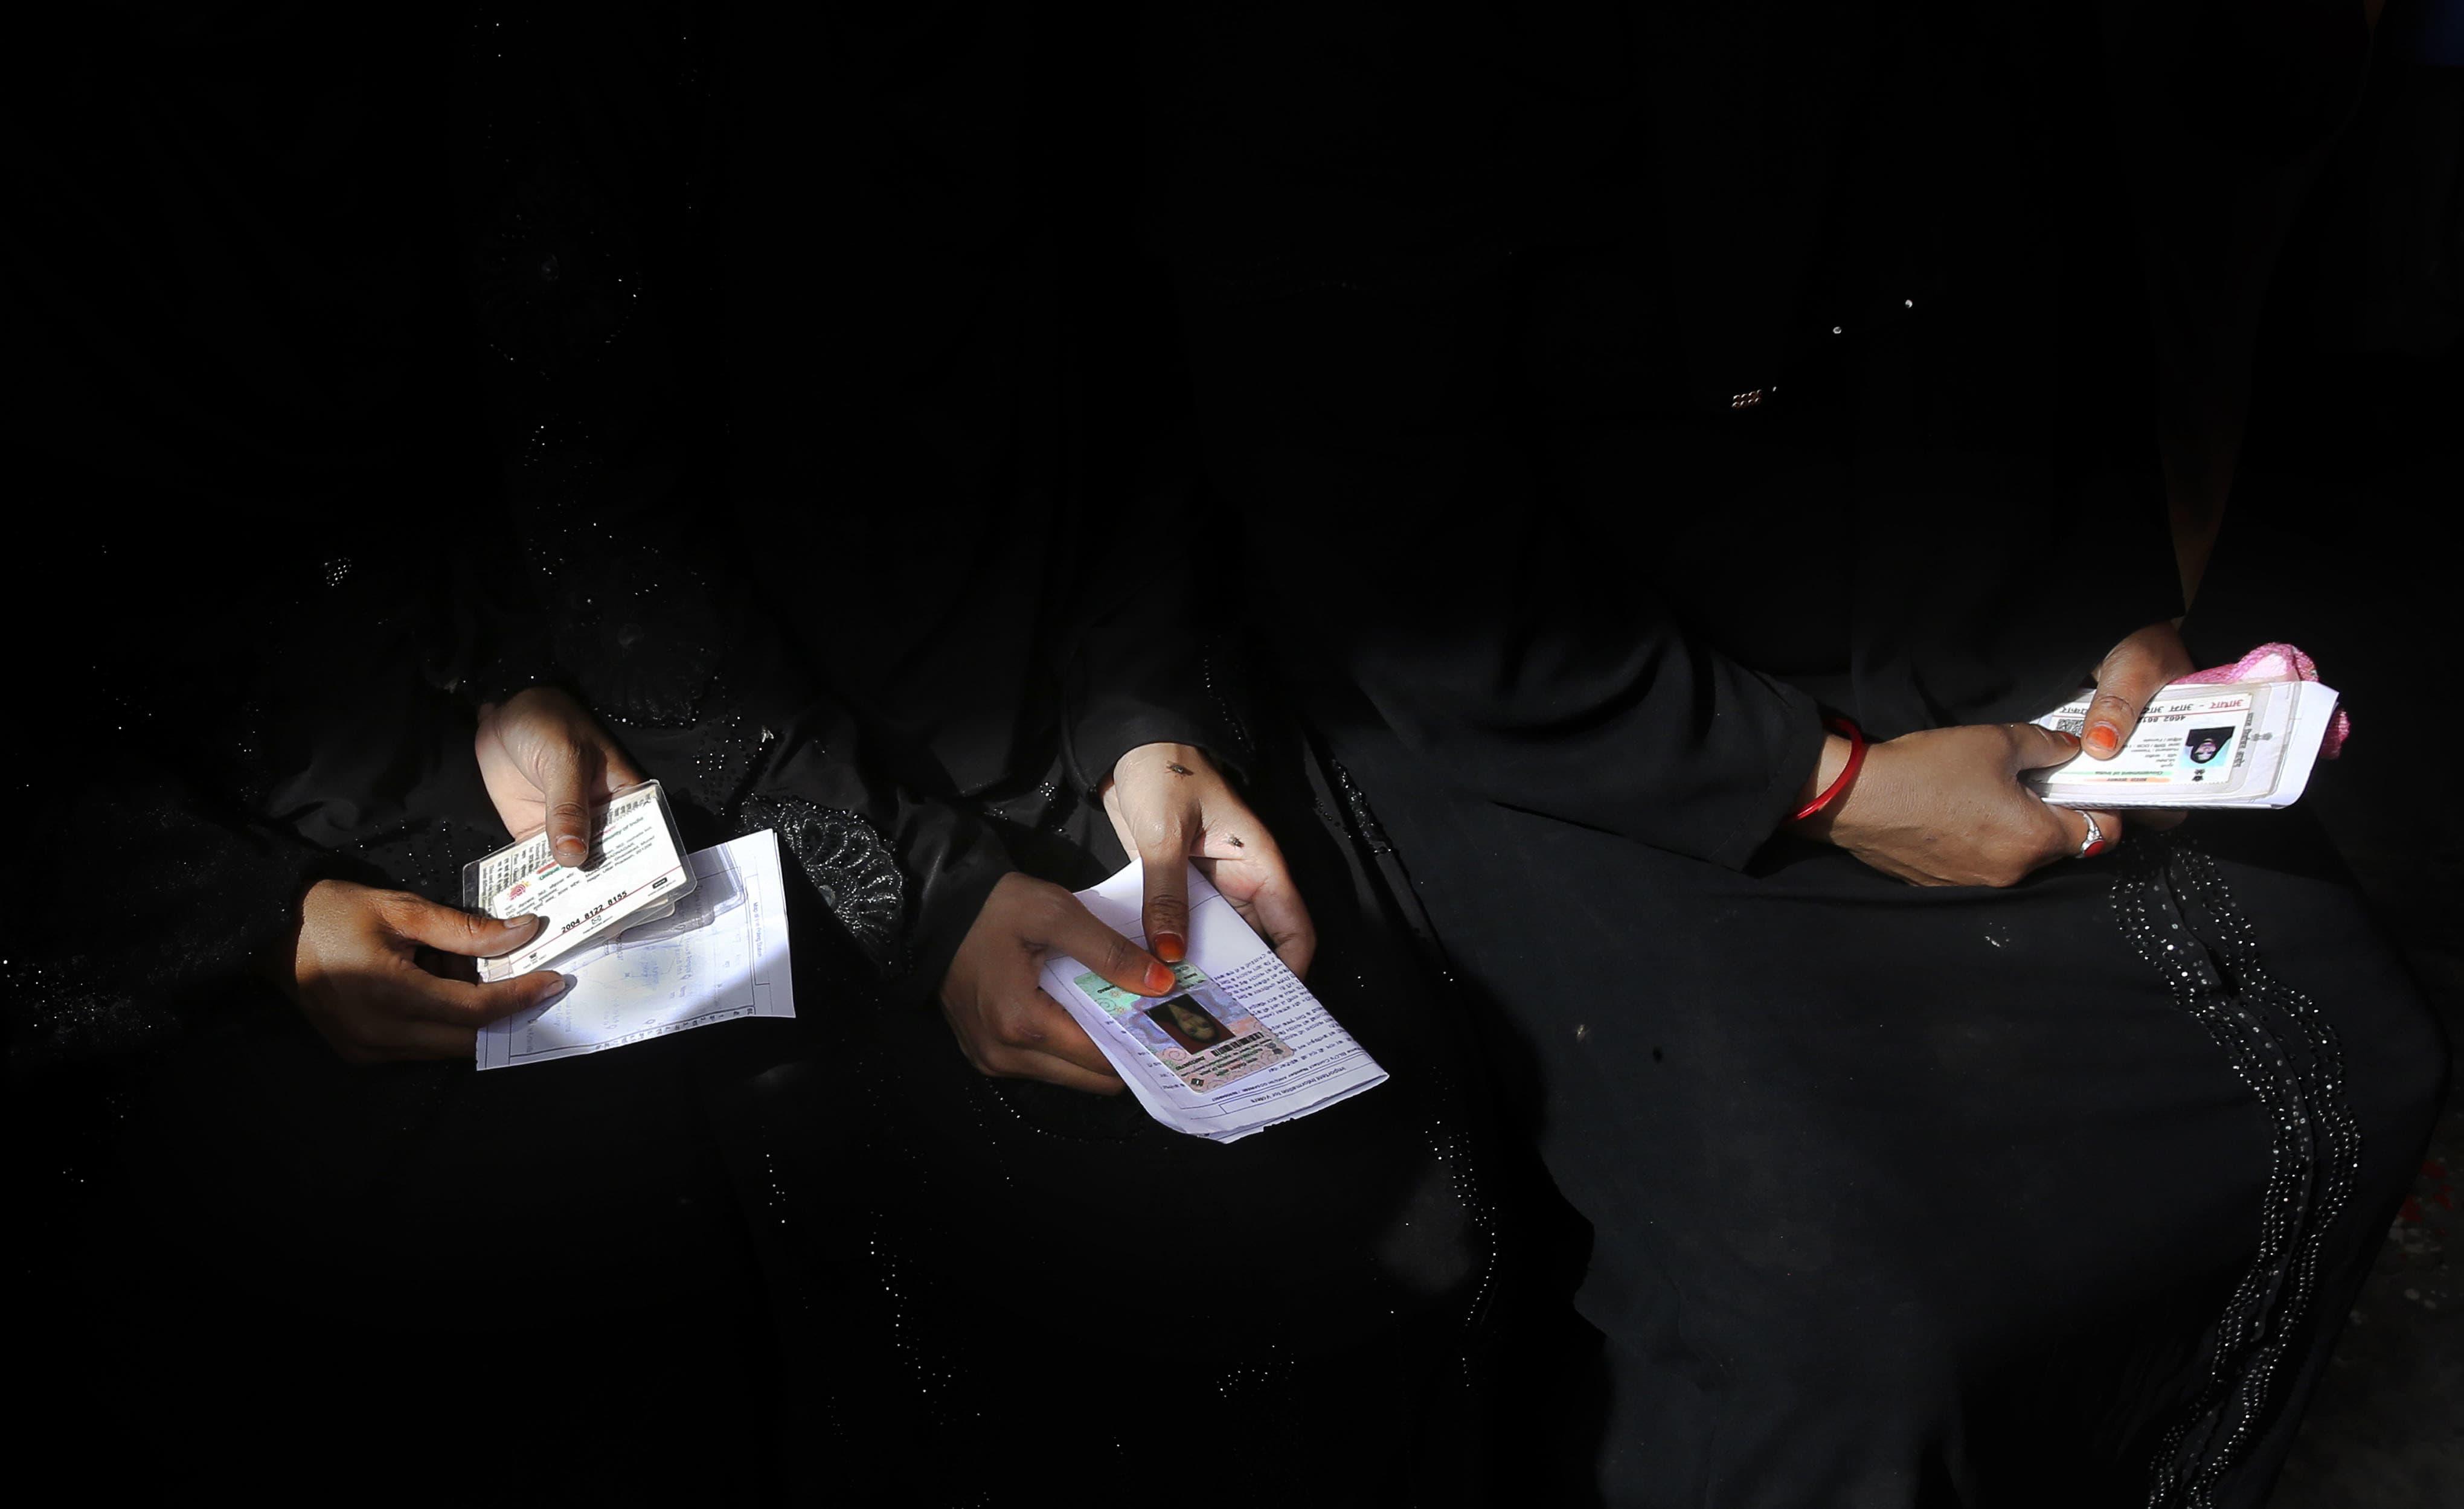 غازی آباد میں مسلمان خواتین ووٹ ڈالنے کے لیے اپنی باری کا انتظار کررہی ہیں —فوٹو/ اے پی